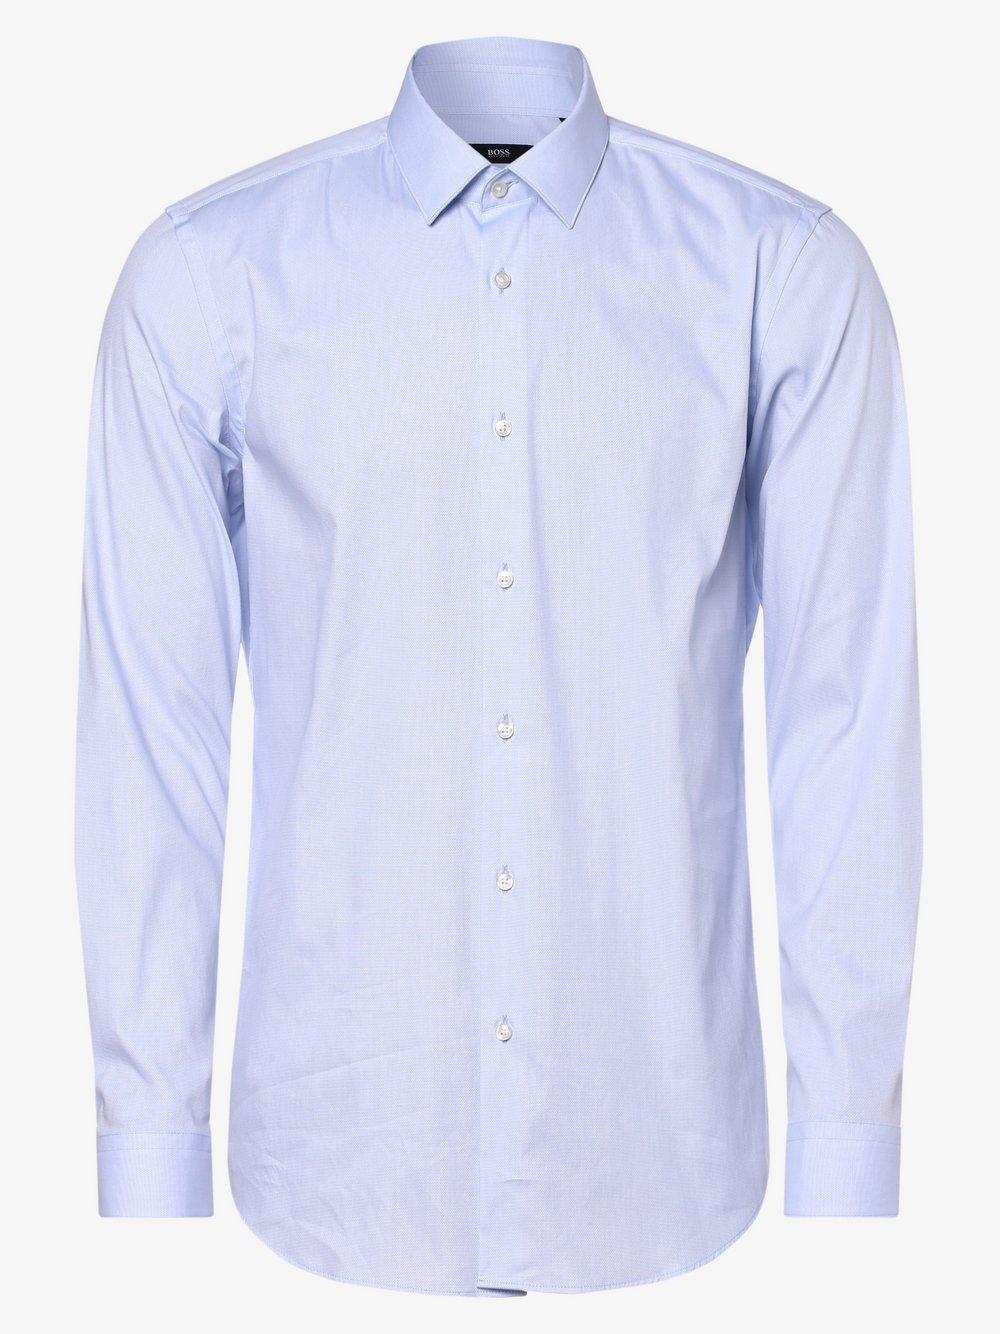 BOSS - Koszula męska łatwa w prasowaniu – Isko, niebieski